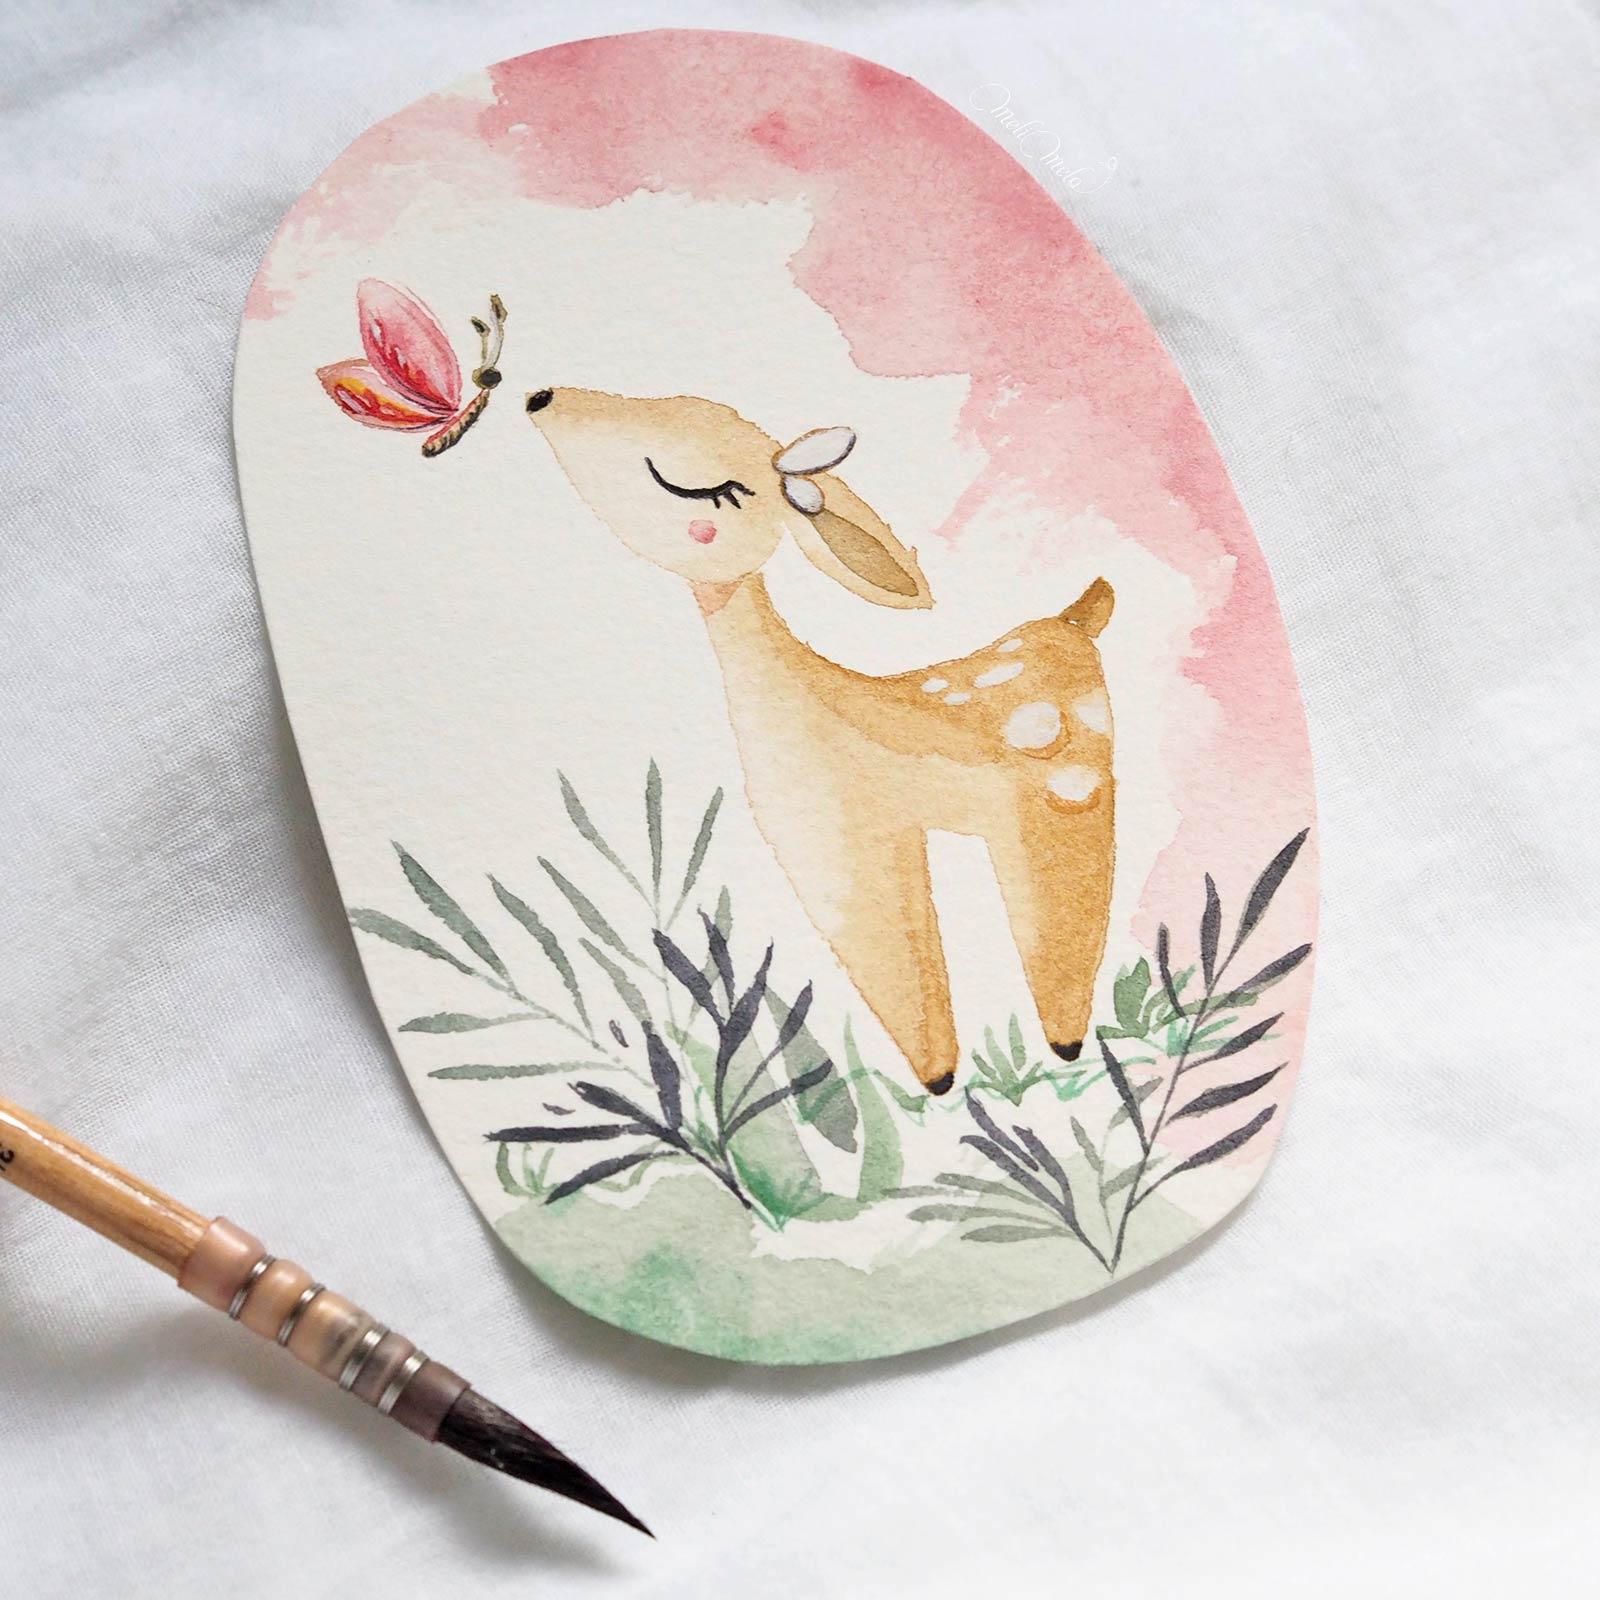 aquarelle-biche-papier-sennelier-watercolor-confections-pastel-dreams-laboutiquedemelimelo